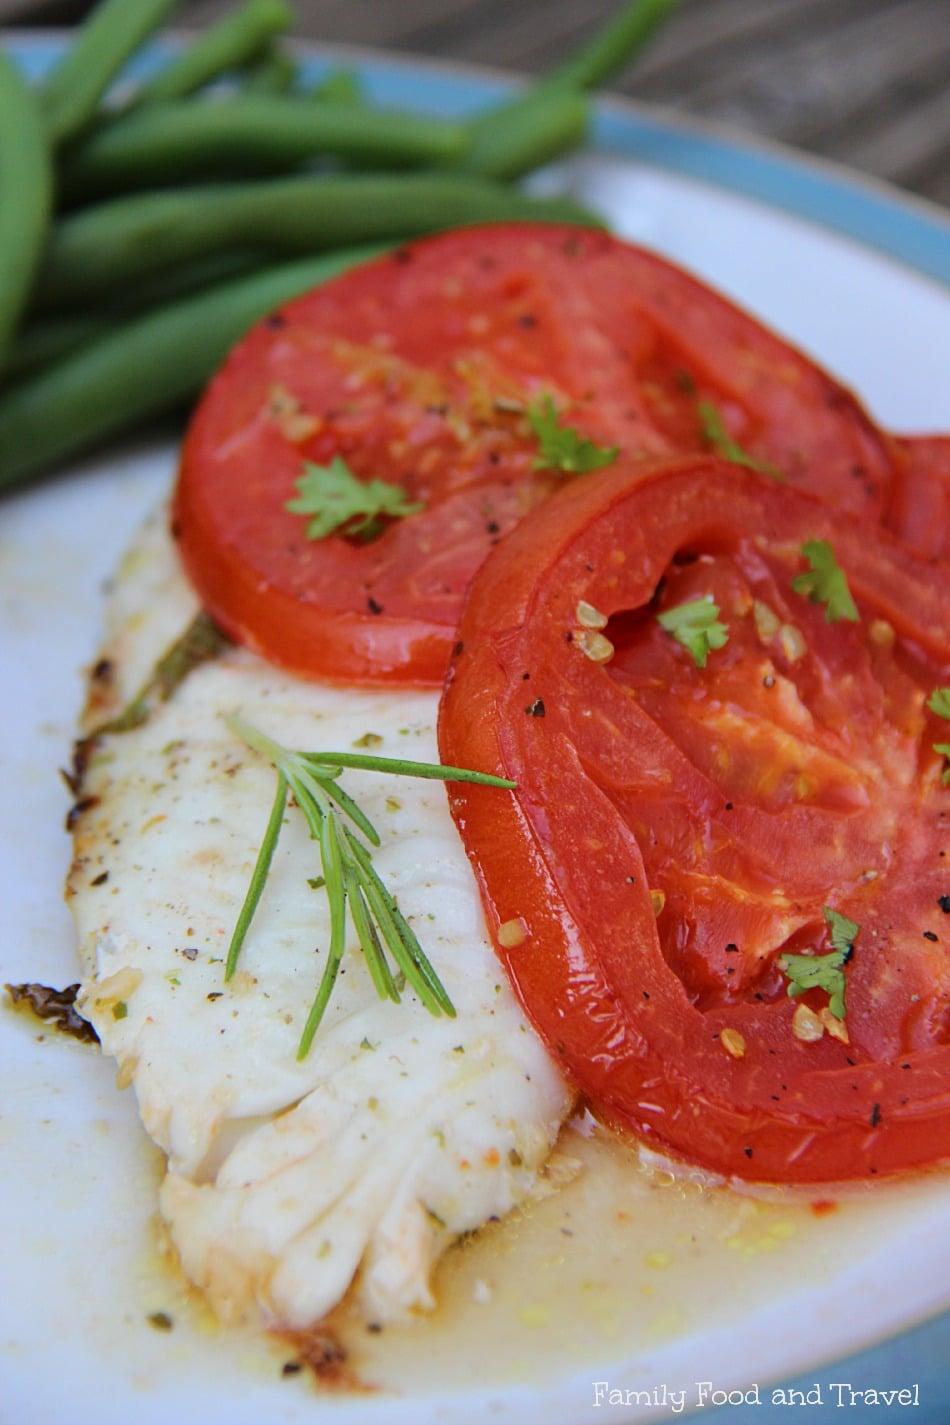 Tomato Baked Tilapia with Lemon